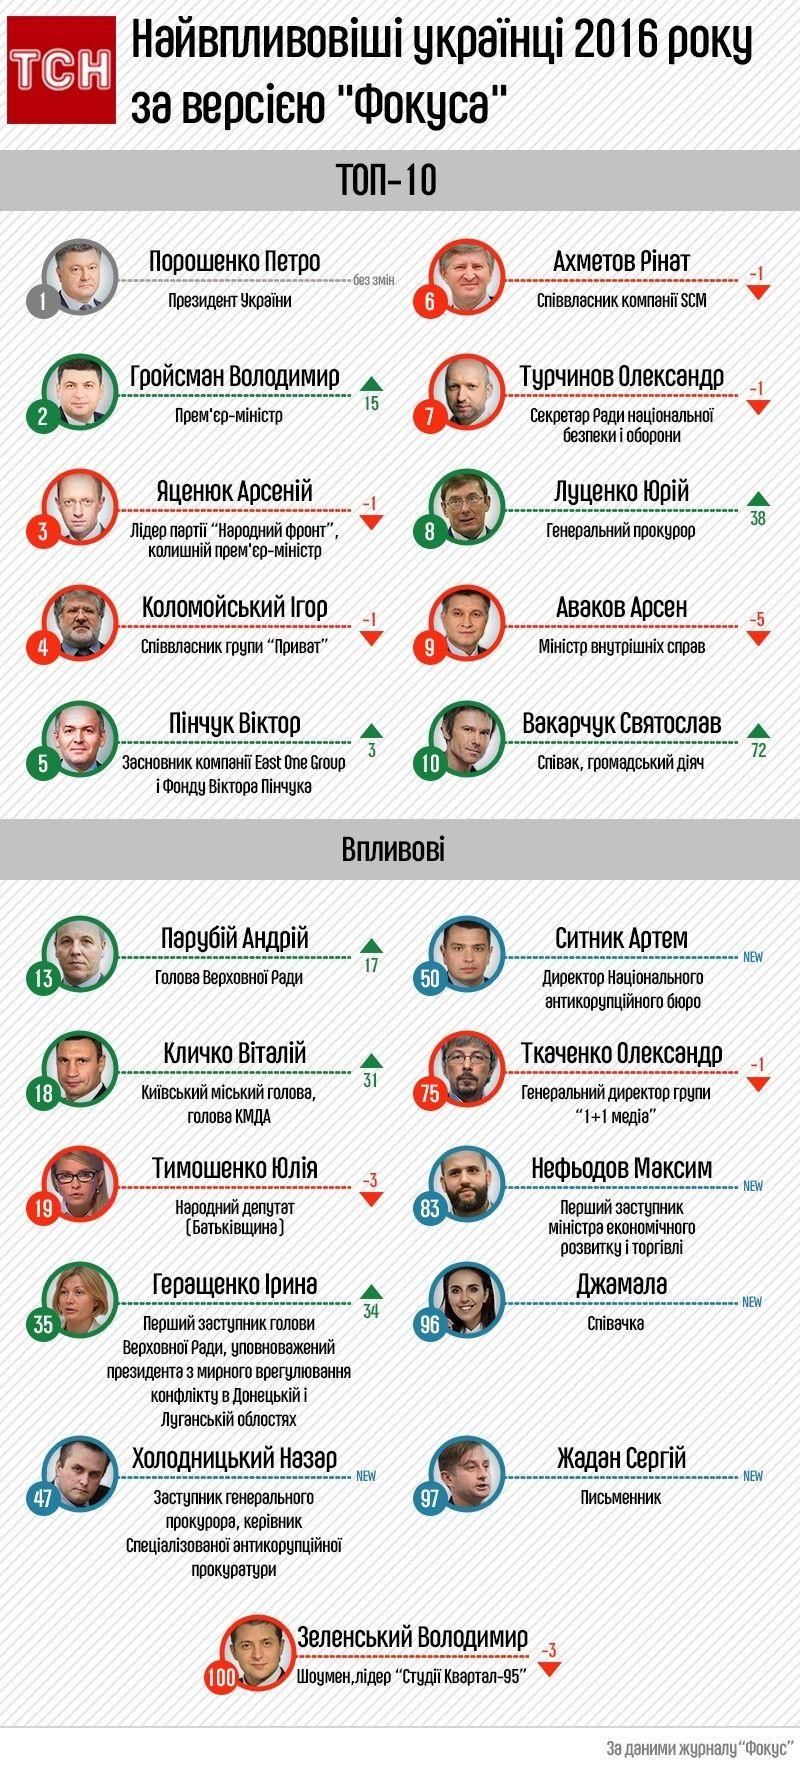 """Найвпливовіші українці 2016 за версією """"Фокусу"""", інфографіка"""